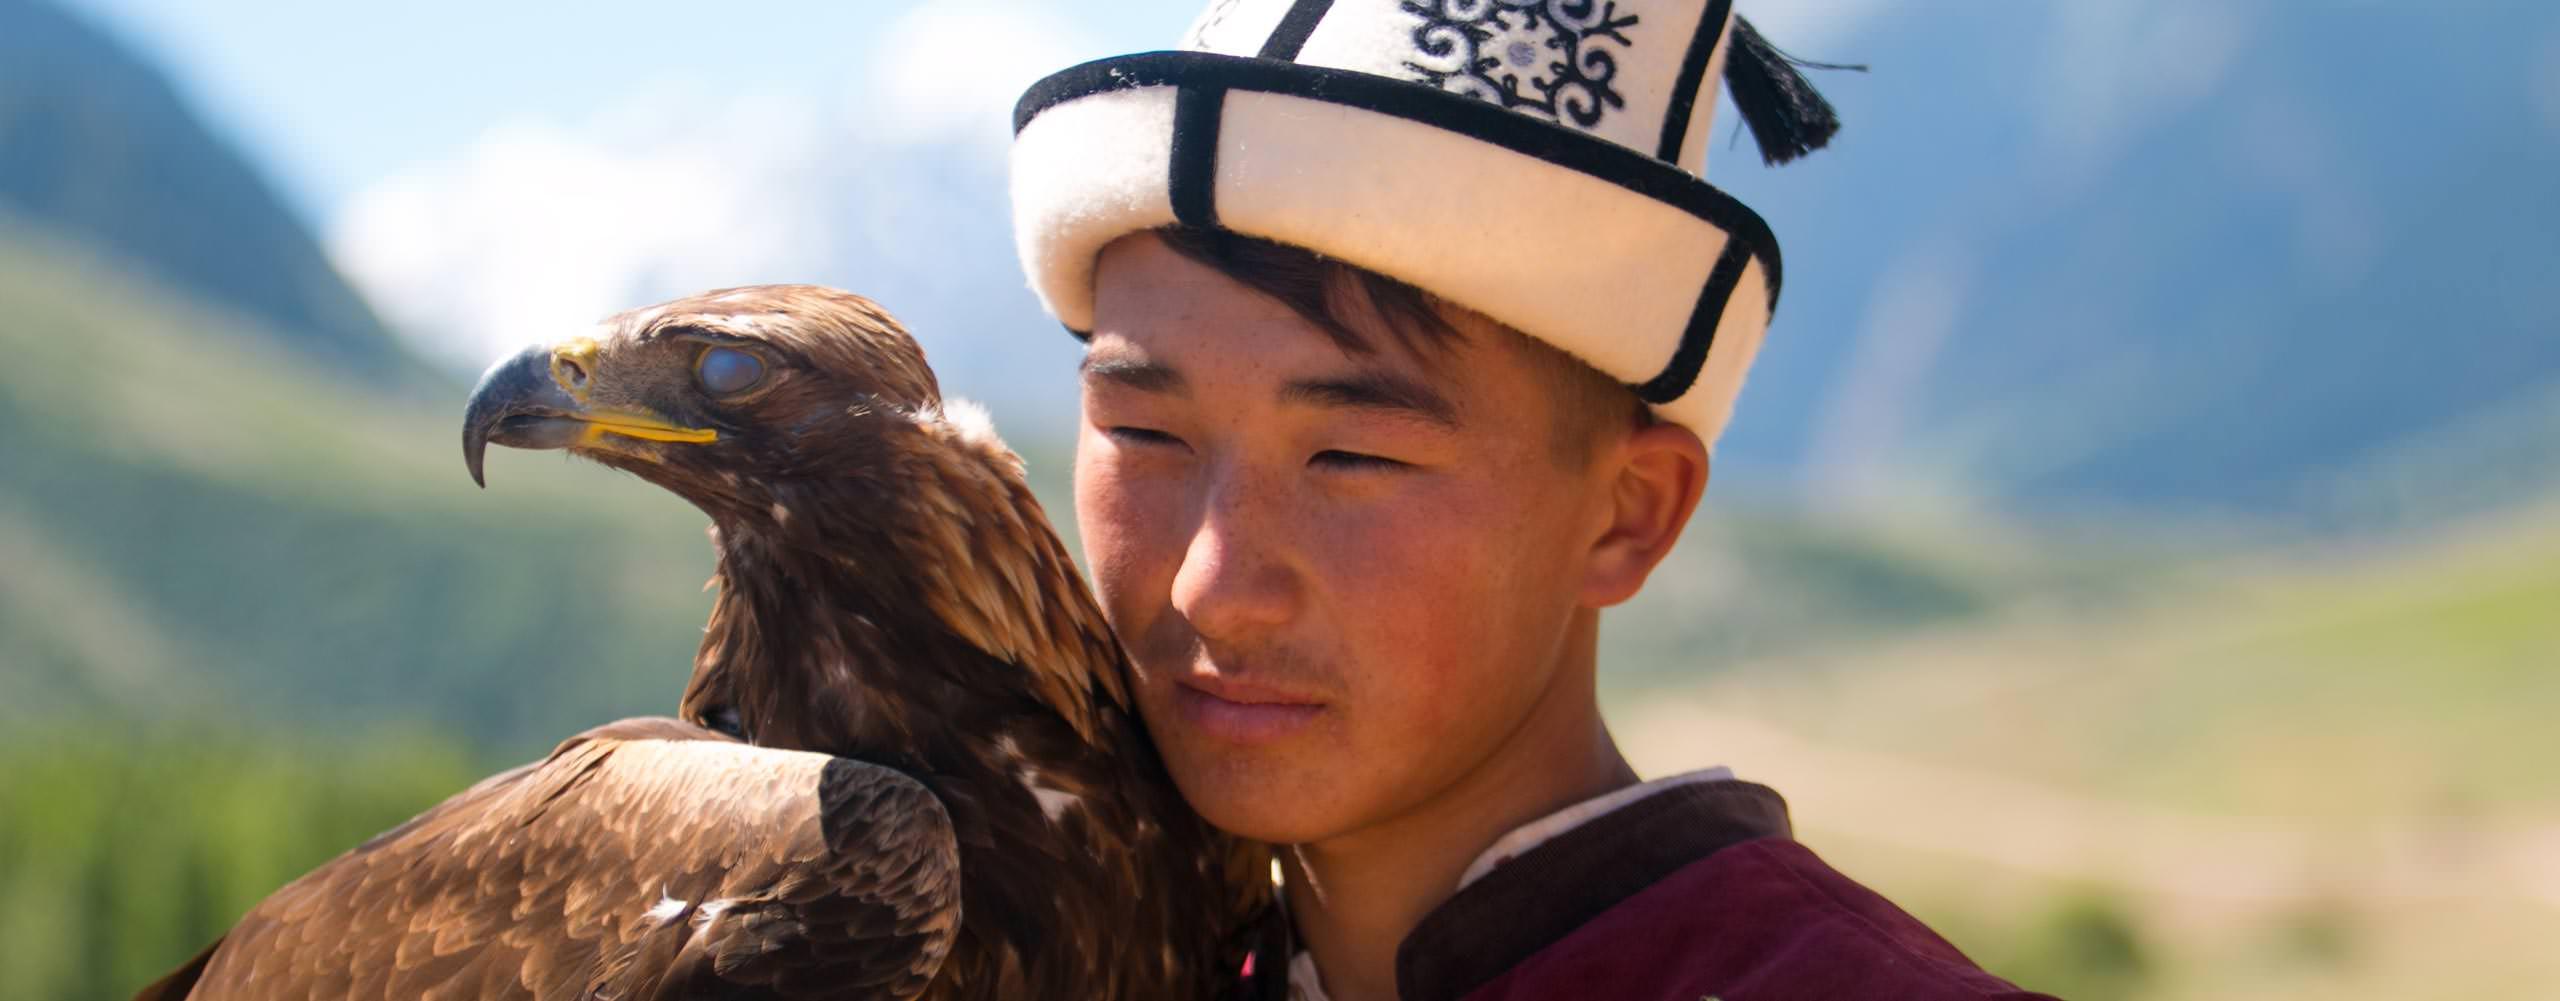 מפגש עם מקומיים בטיול ג'יפים לקירגיזסטן